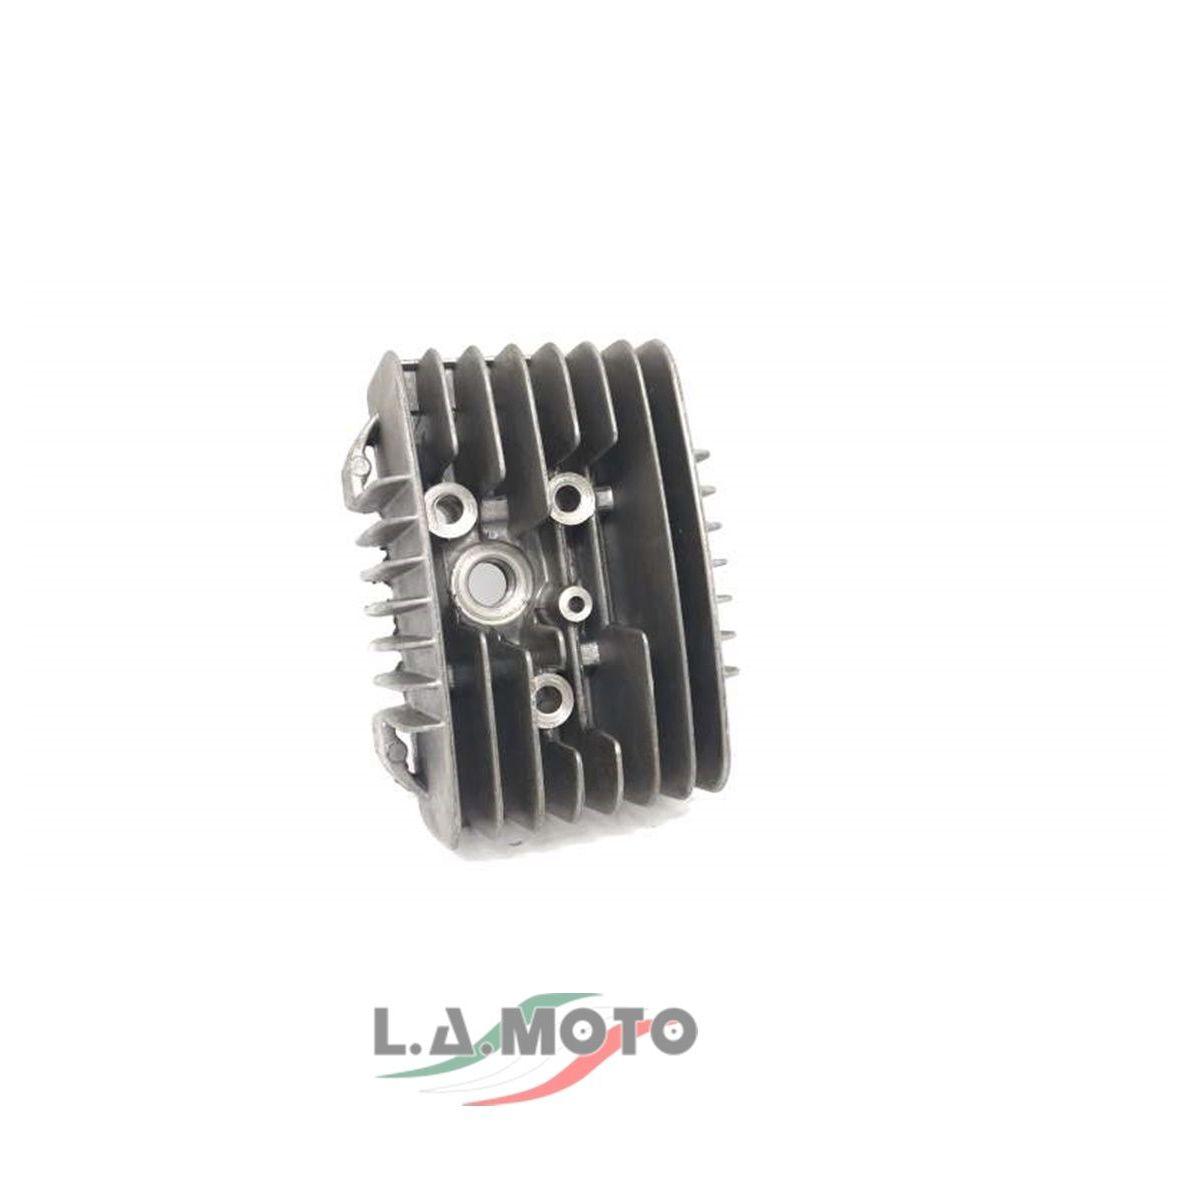 Testata motore piaggio SI cod.243163